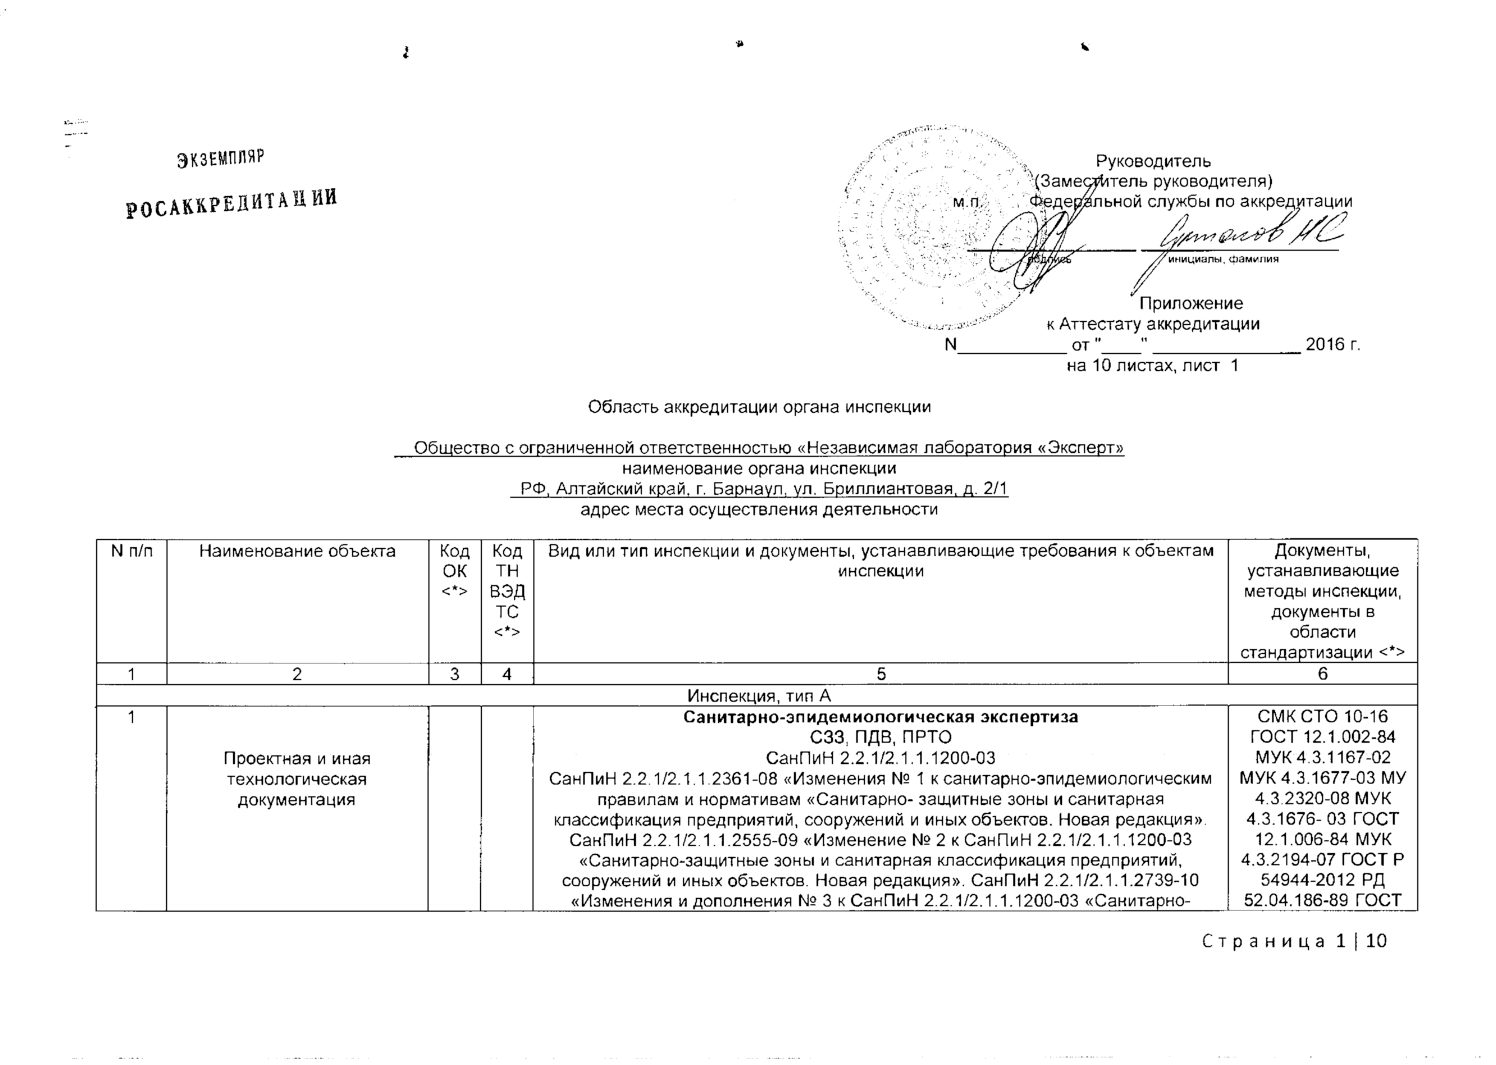 Область аккредитации органа инспекции